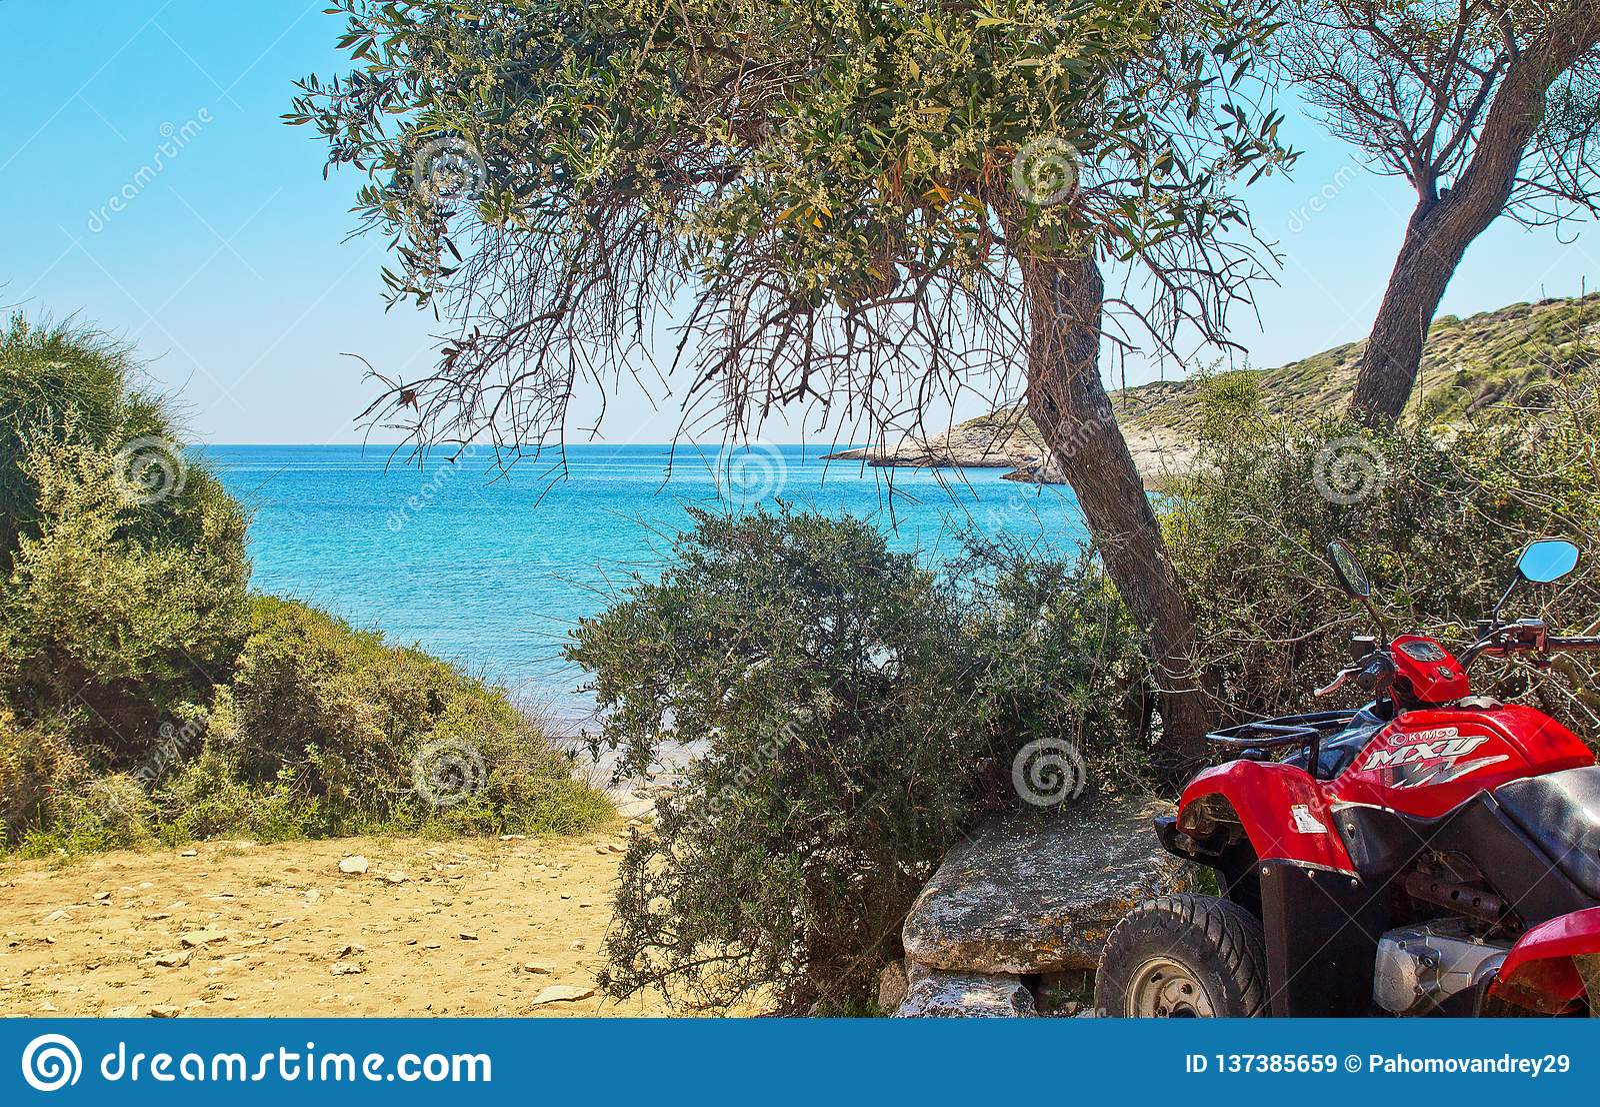 Das ATV wird auf der Küste auf der Insel von Thassos, Griechenland geparkt Ansicht der schönen Landschaft